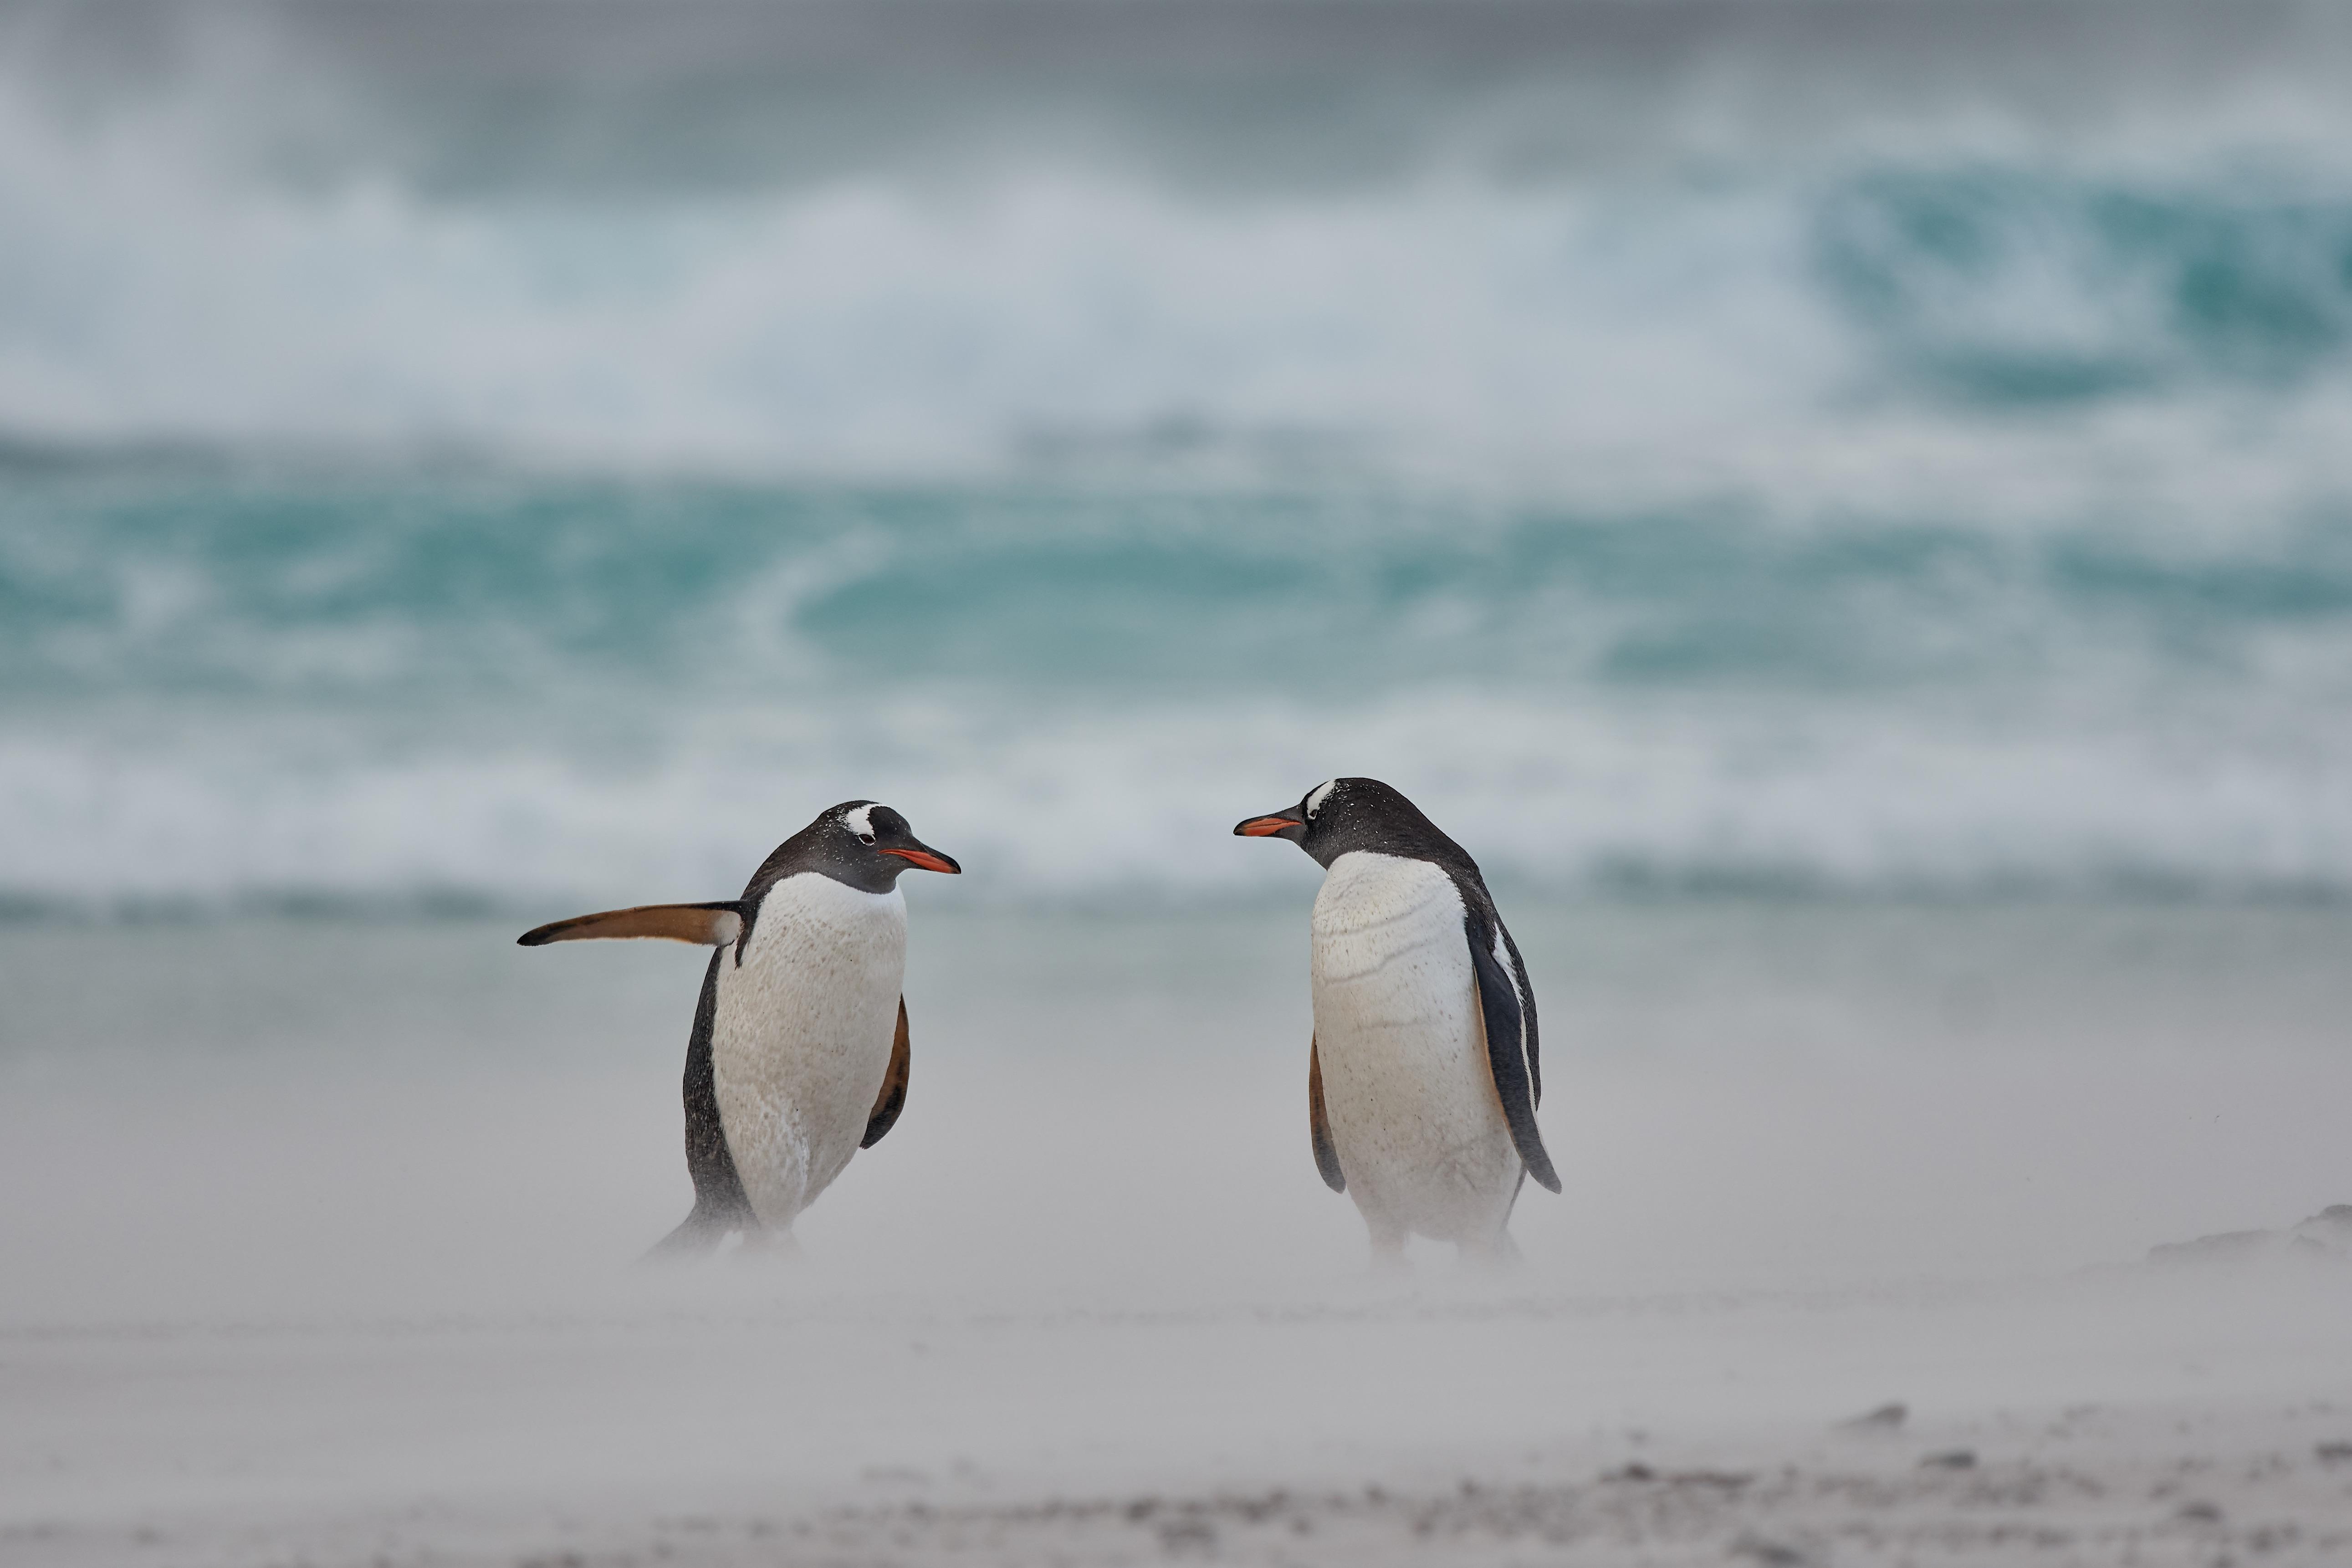 Seekor penguin sedang mengarahkan penguin lain